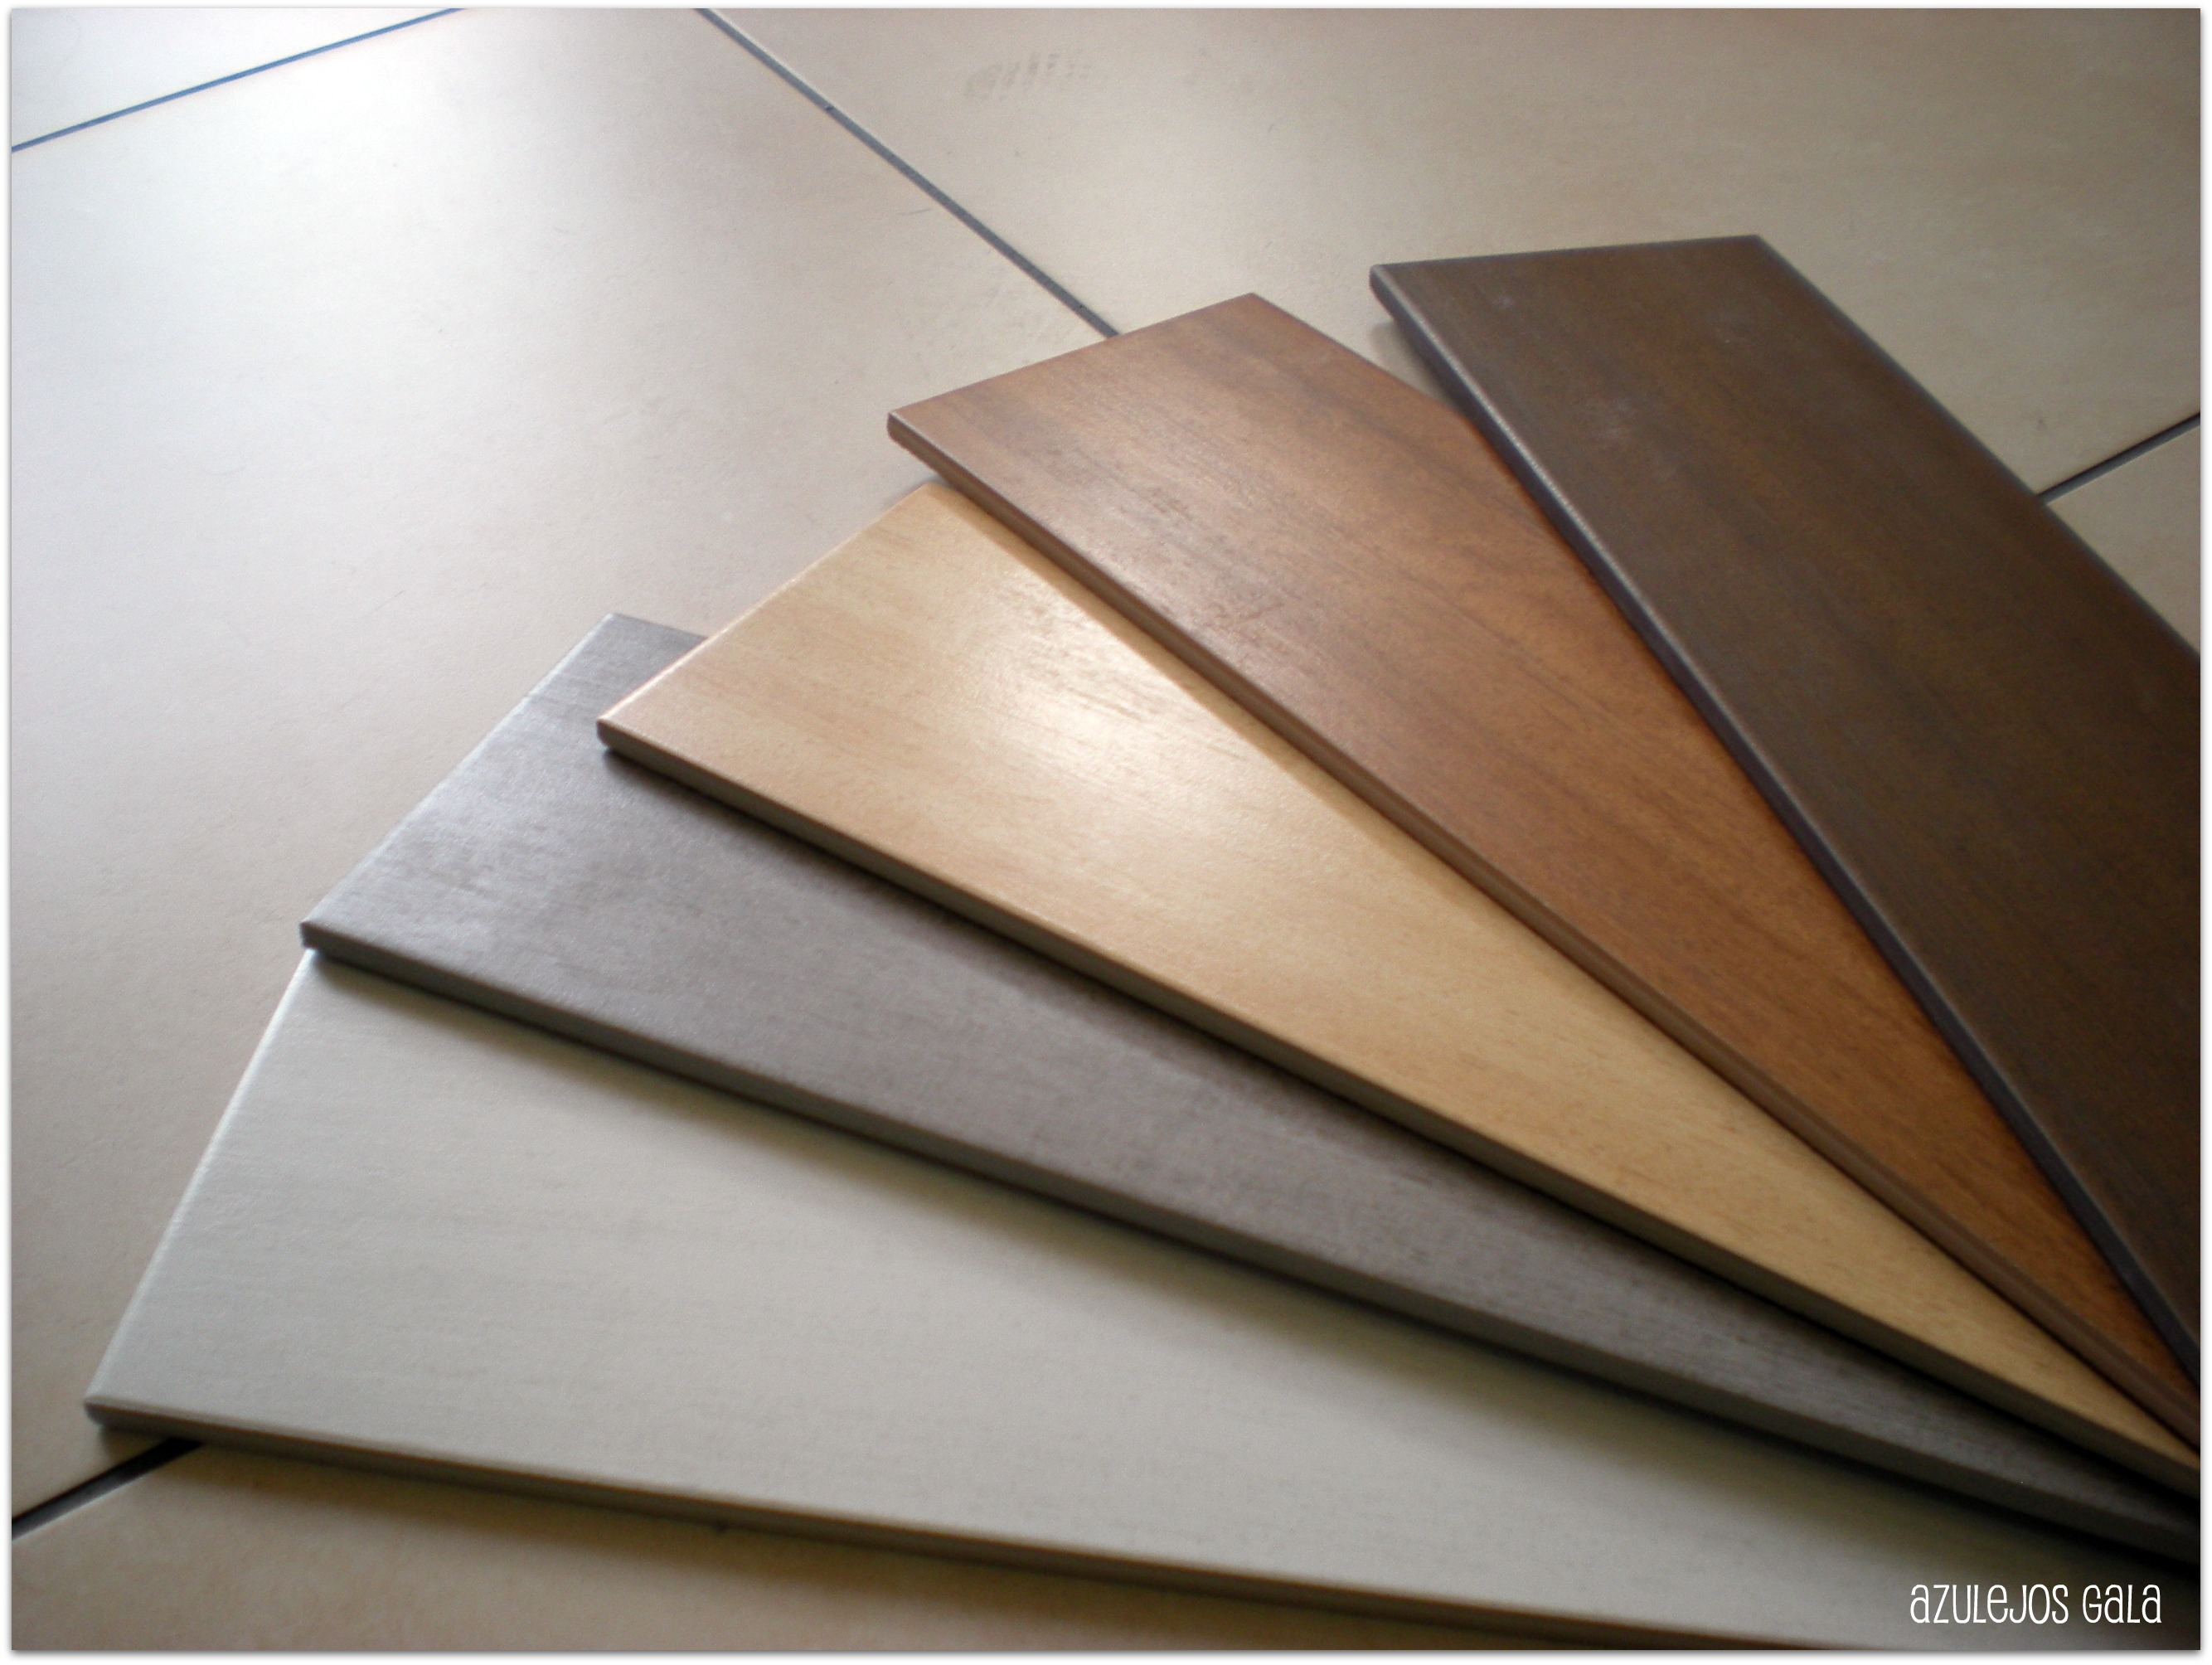 Suelos porcel nicos que imitan madera nova te asesora for Pisos ceramicos de madera